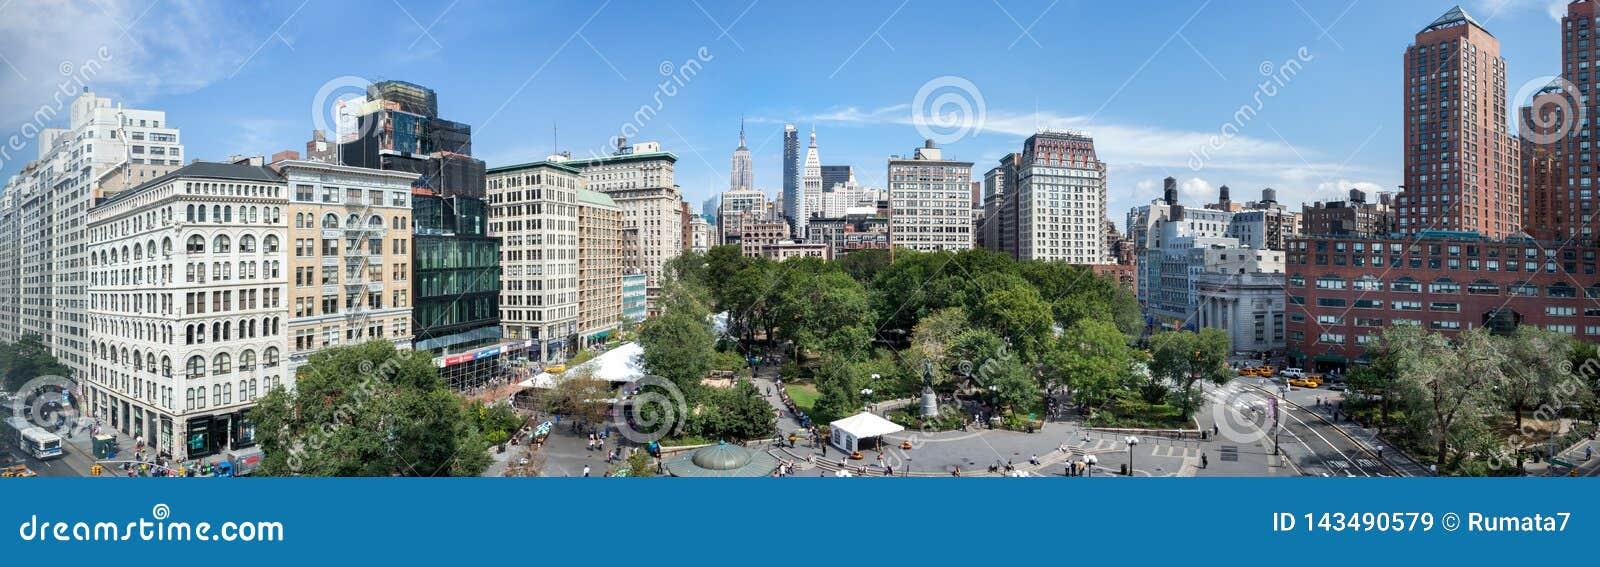 Vista aerea panoramica di stupore di Union Square a New York U.S.A.